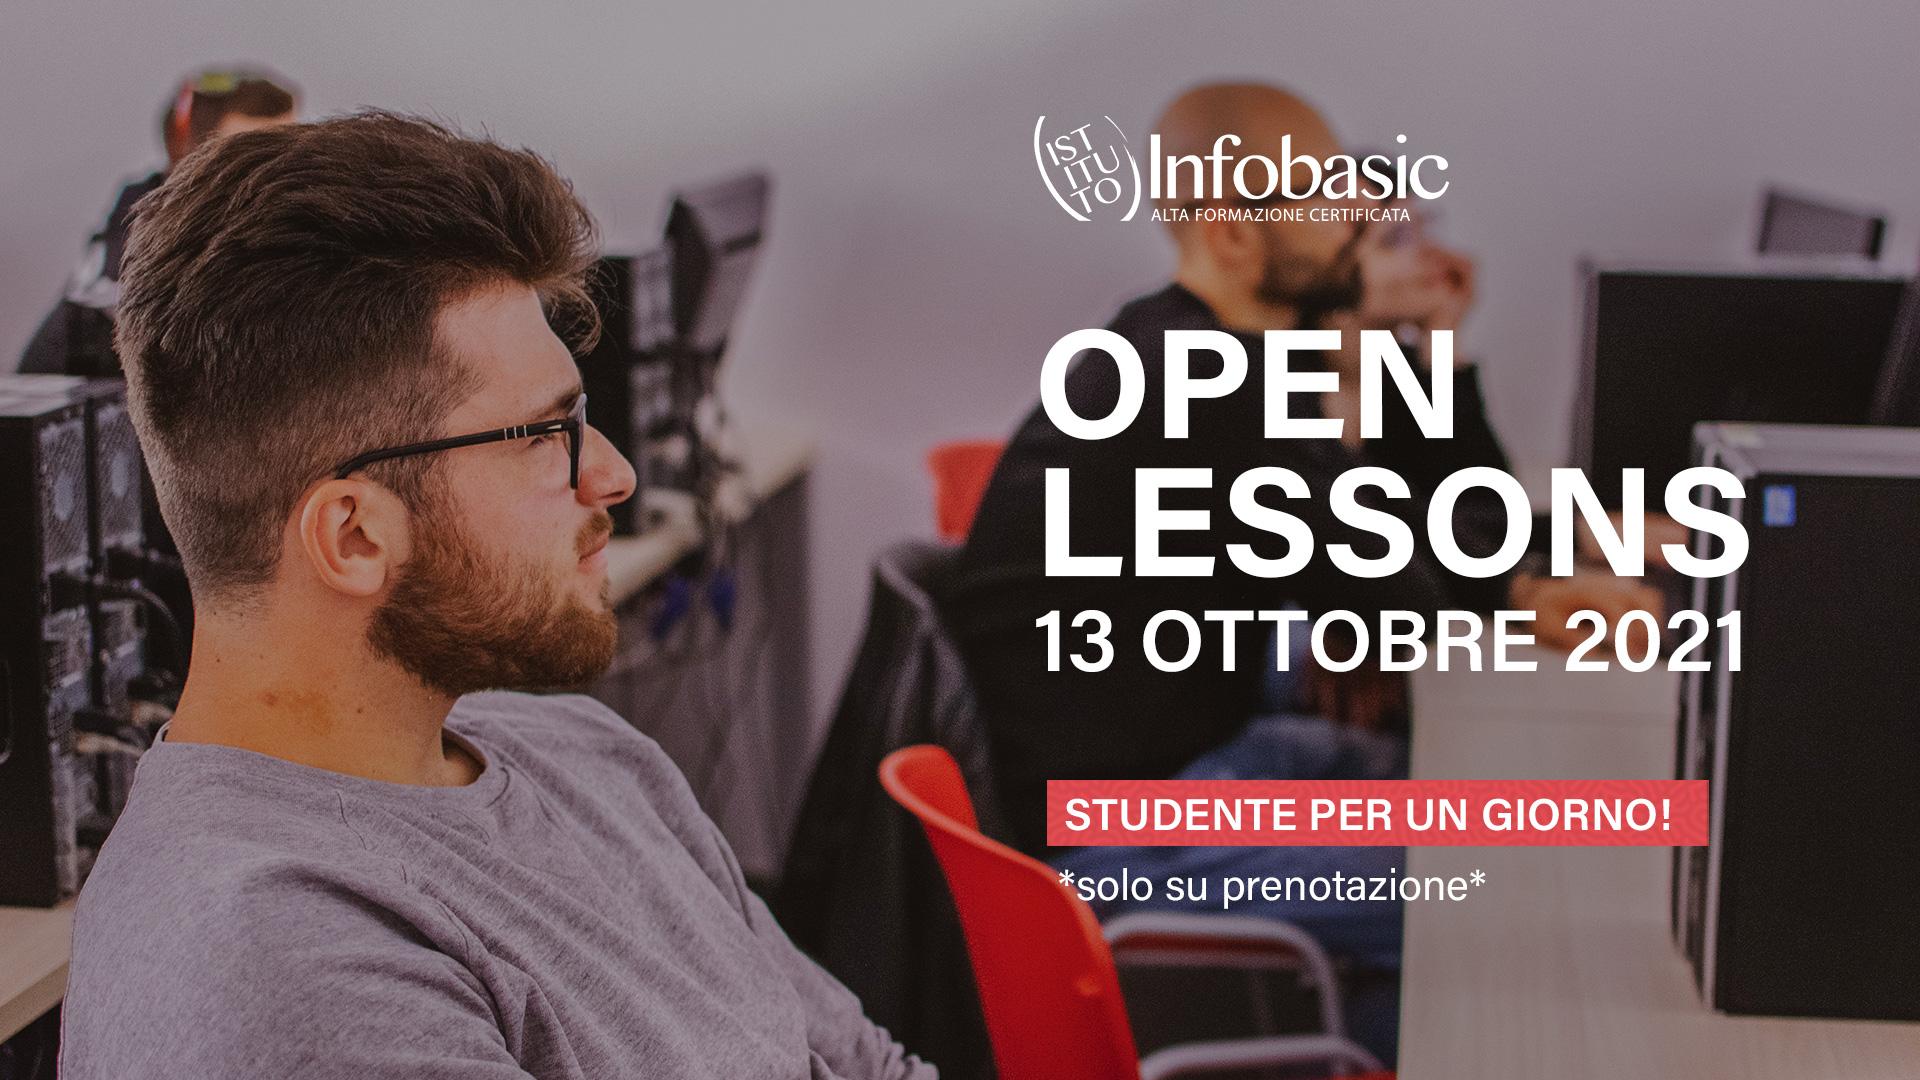 Open Lessons 13 Ottobre 2021